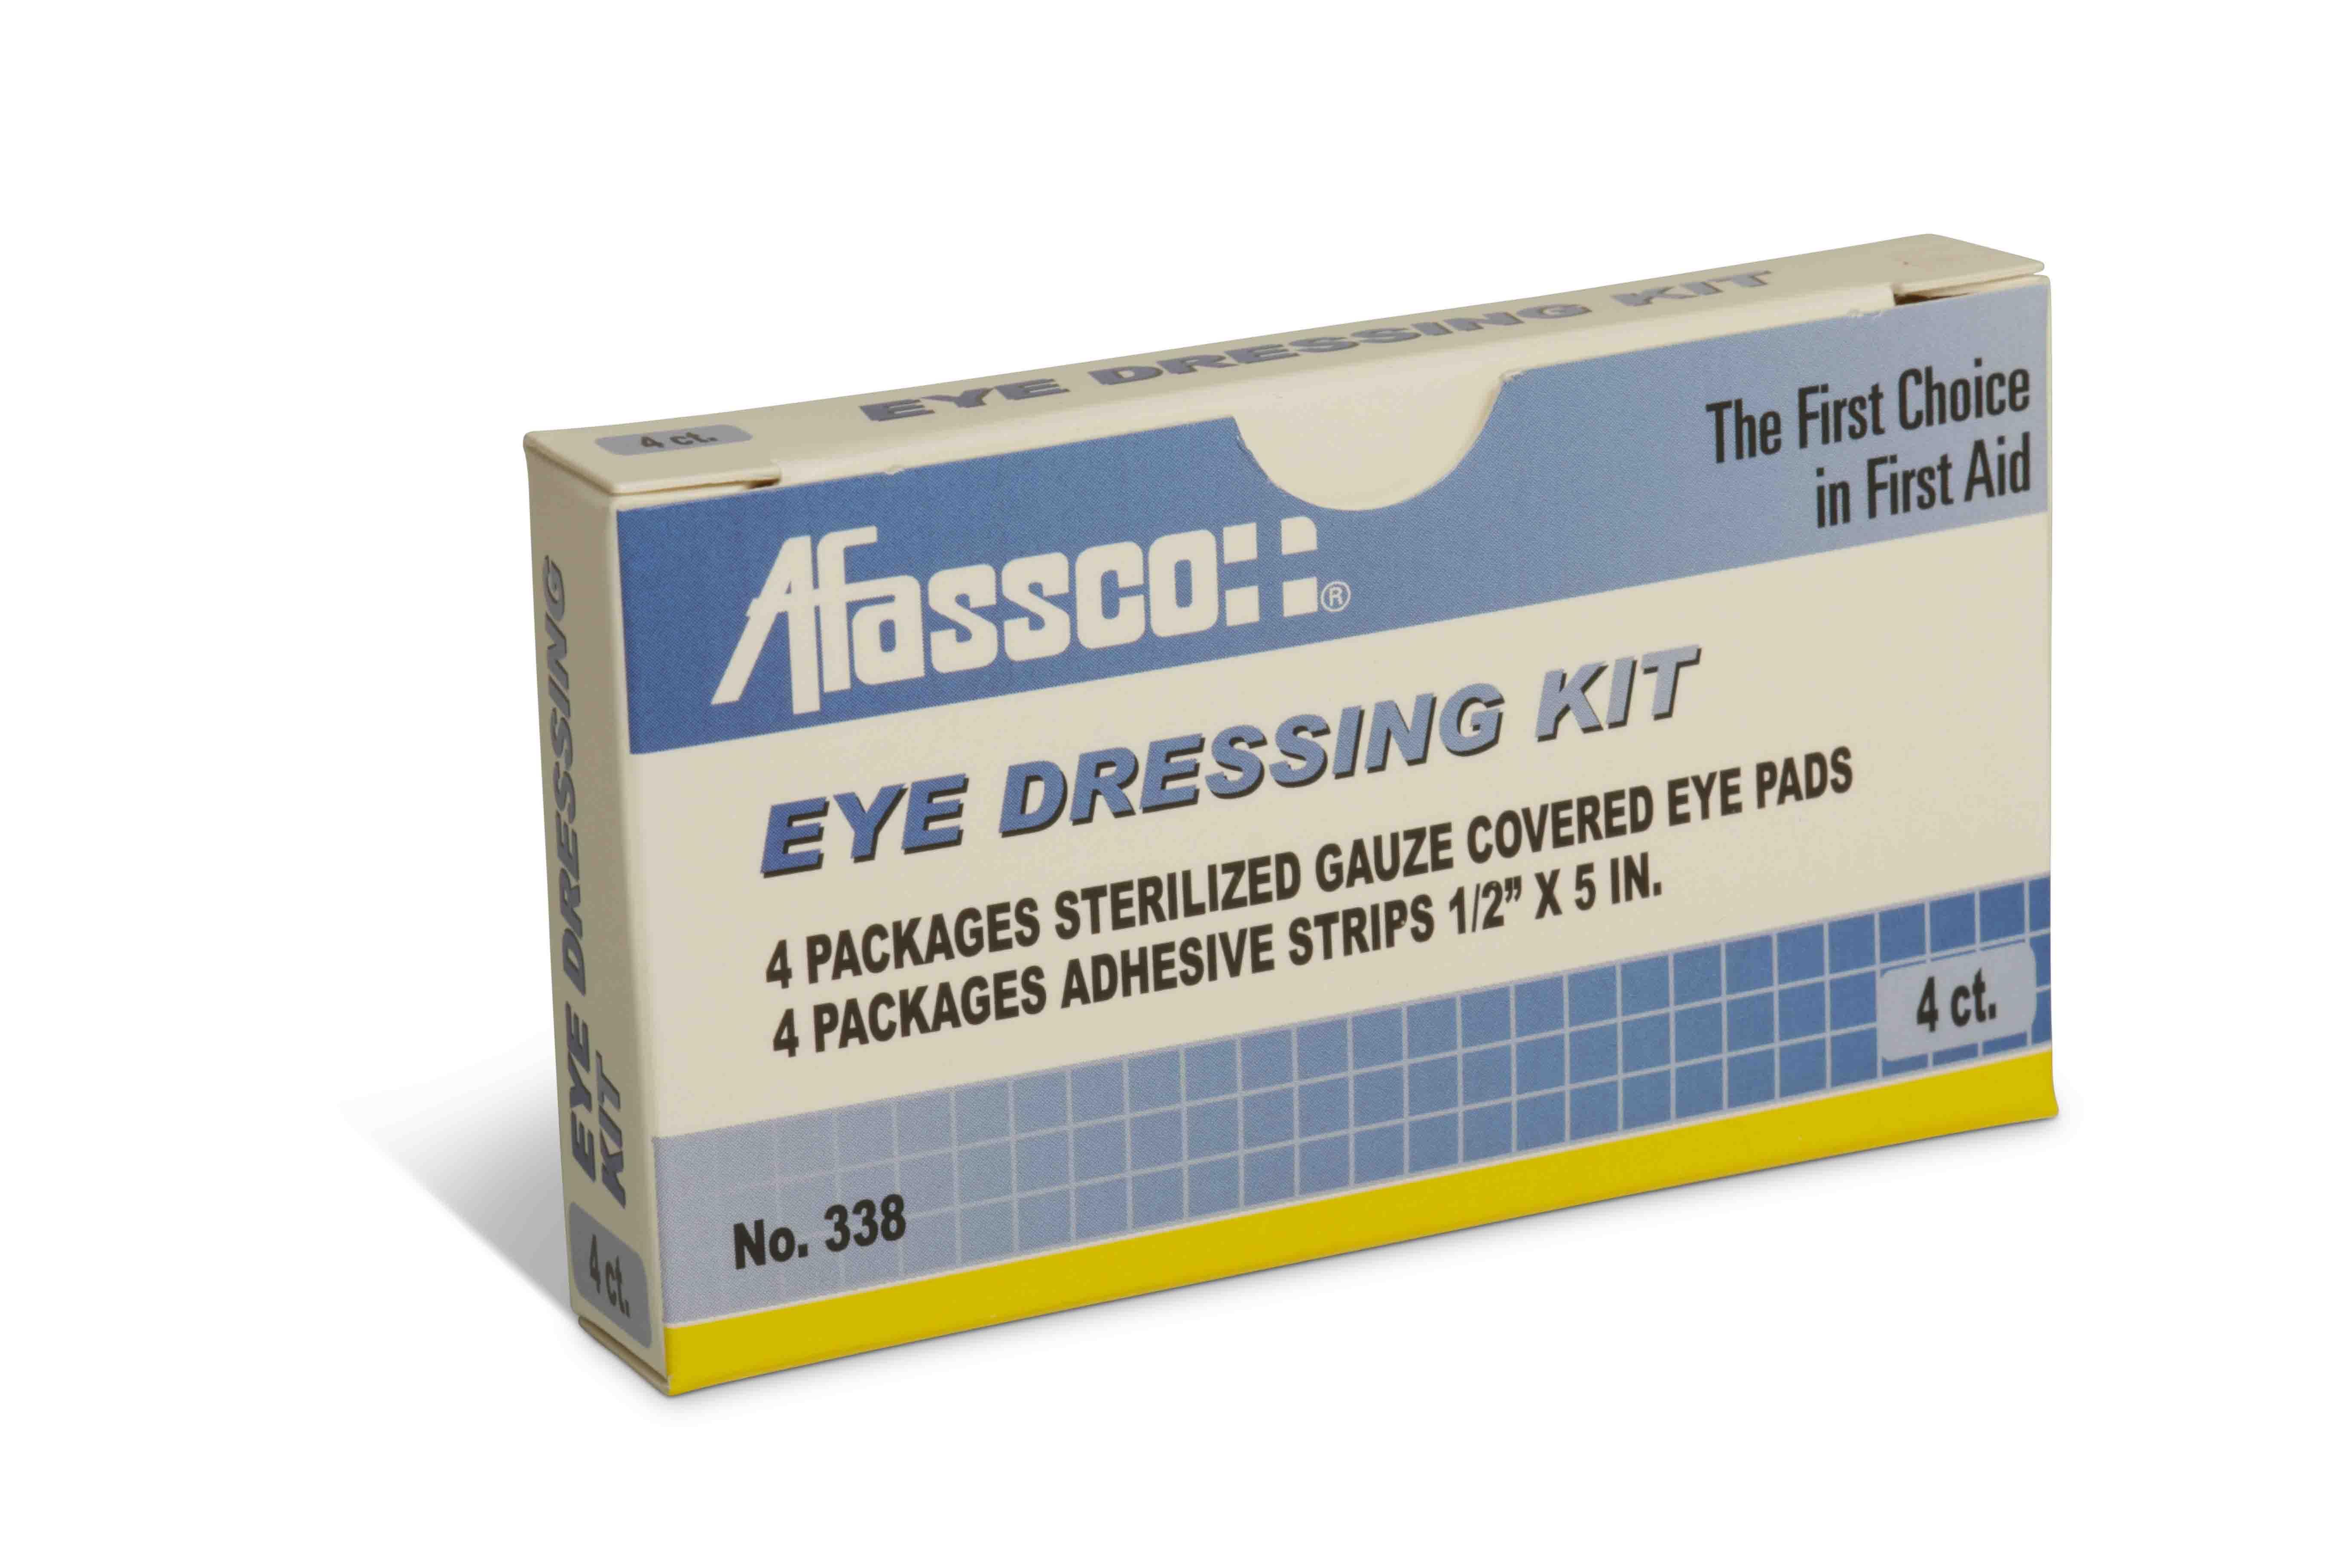 eye dressing kit tape pads for 2 eyes. Black Bedroom Furniture Sets. Home Design Ideas